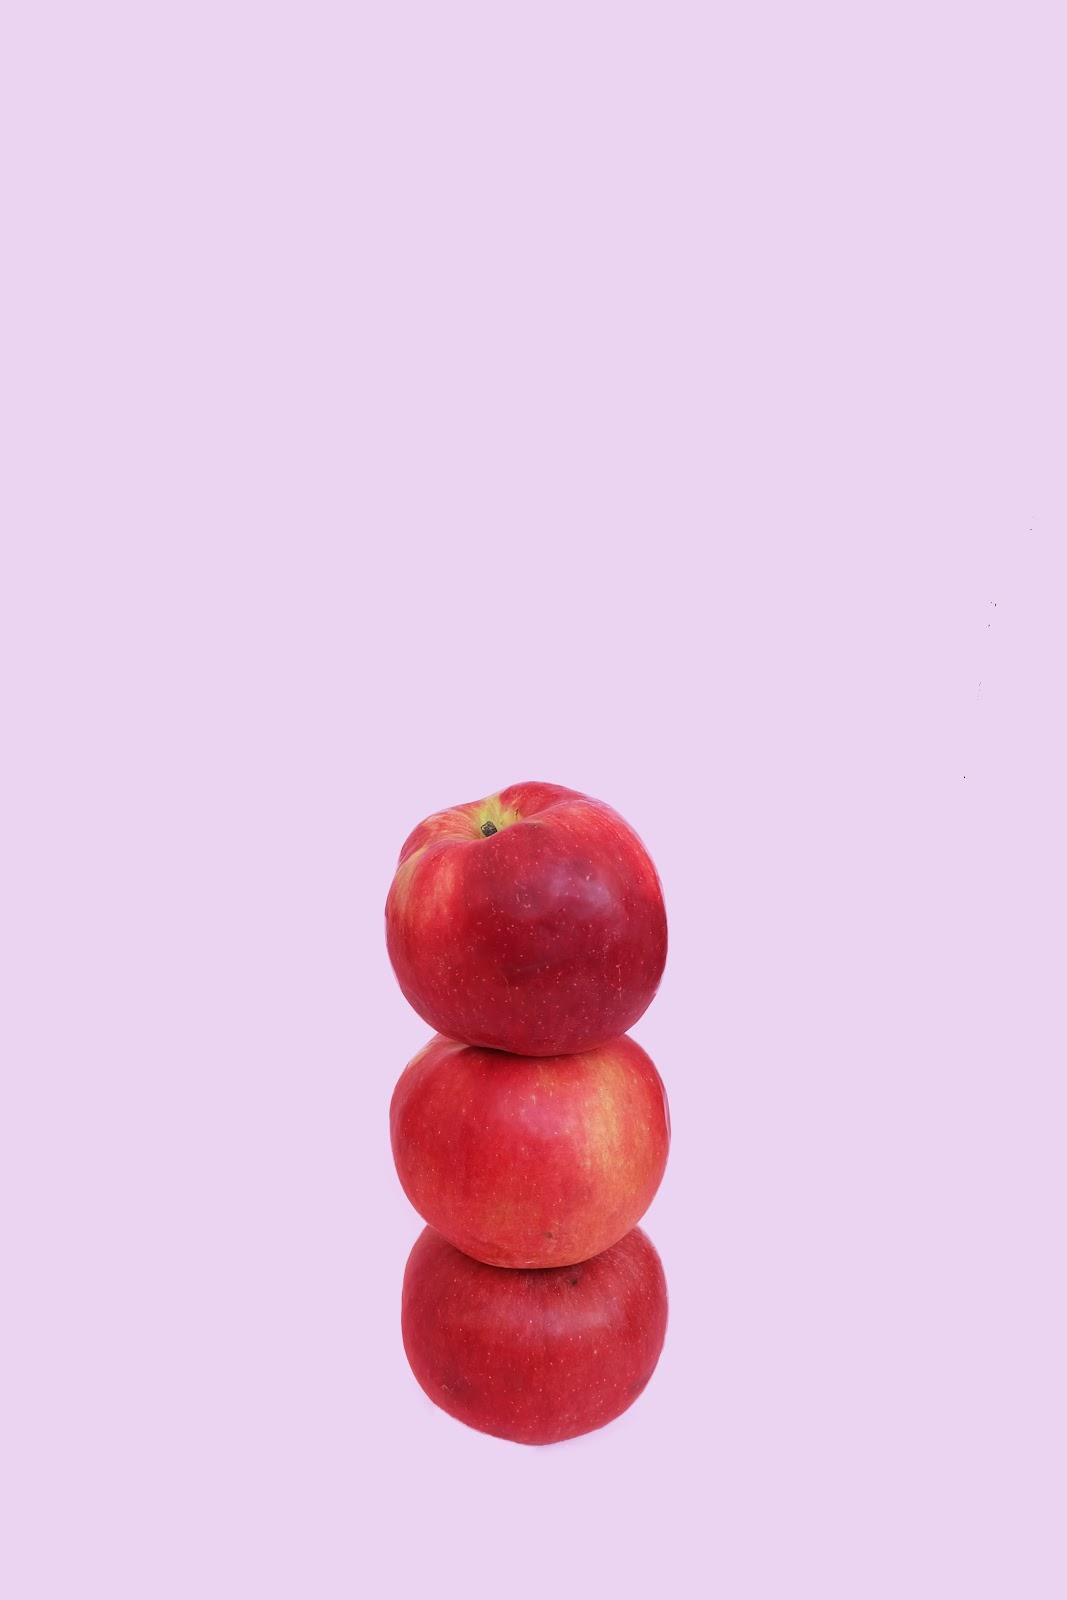 apple top ingrédient healthy marsemd18